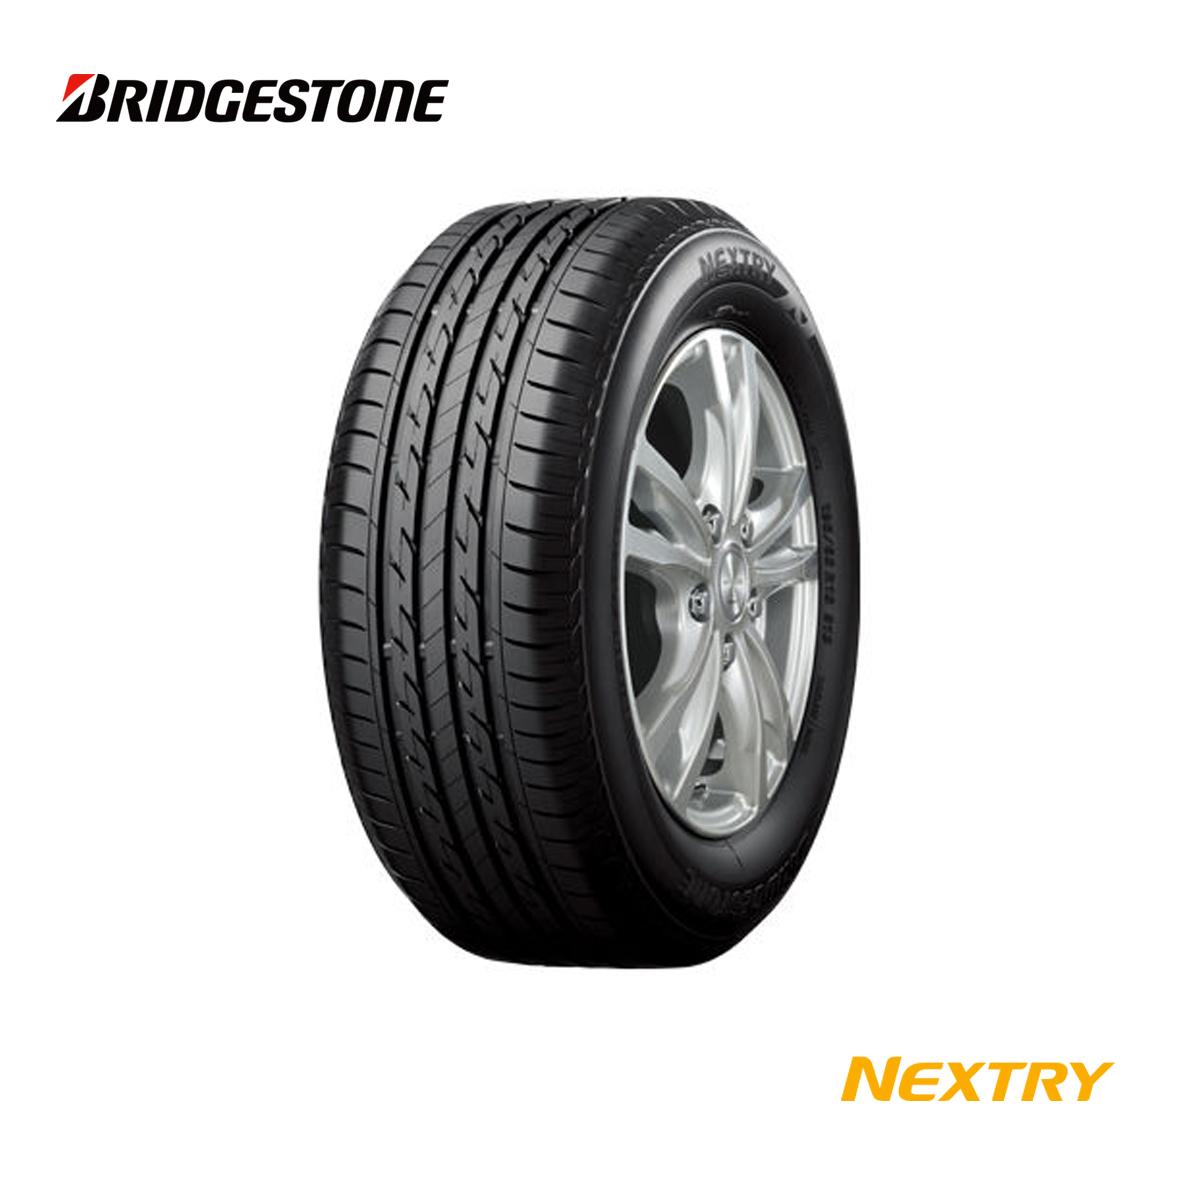 ブリヂストン 16インチ タイヤ 205/55R16 205 55 16 91V ネクストリー サマータイヤ 1本 91V 低燃費 エコ 夏 サマー タイヤ BRIDGESTONE NEXTRY